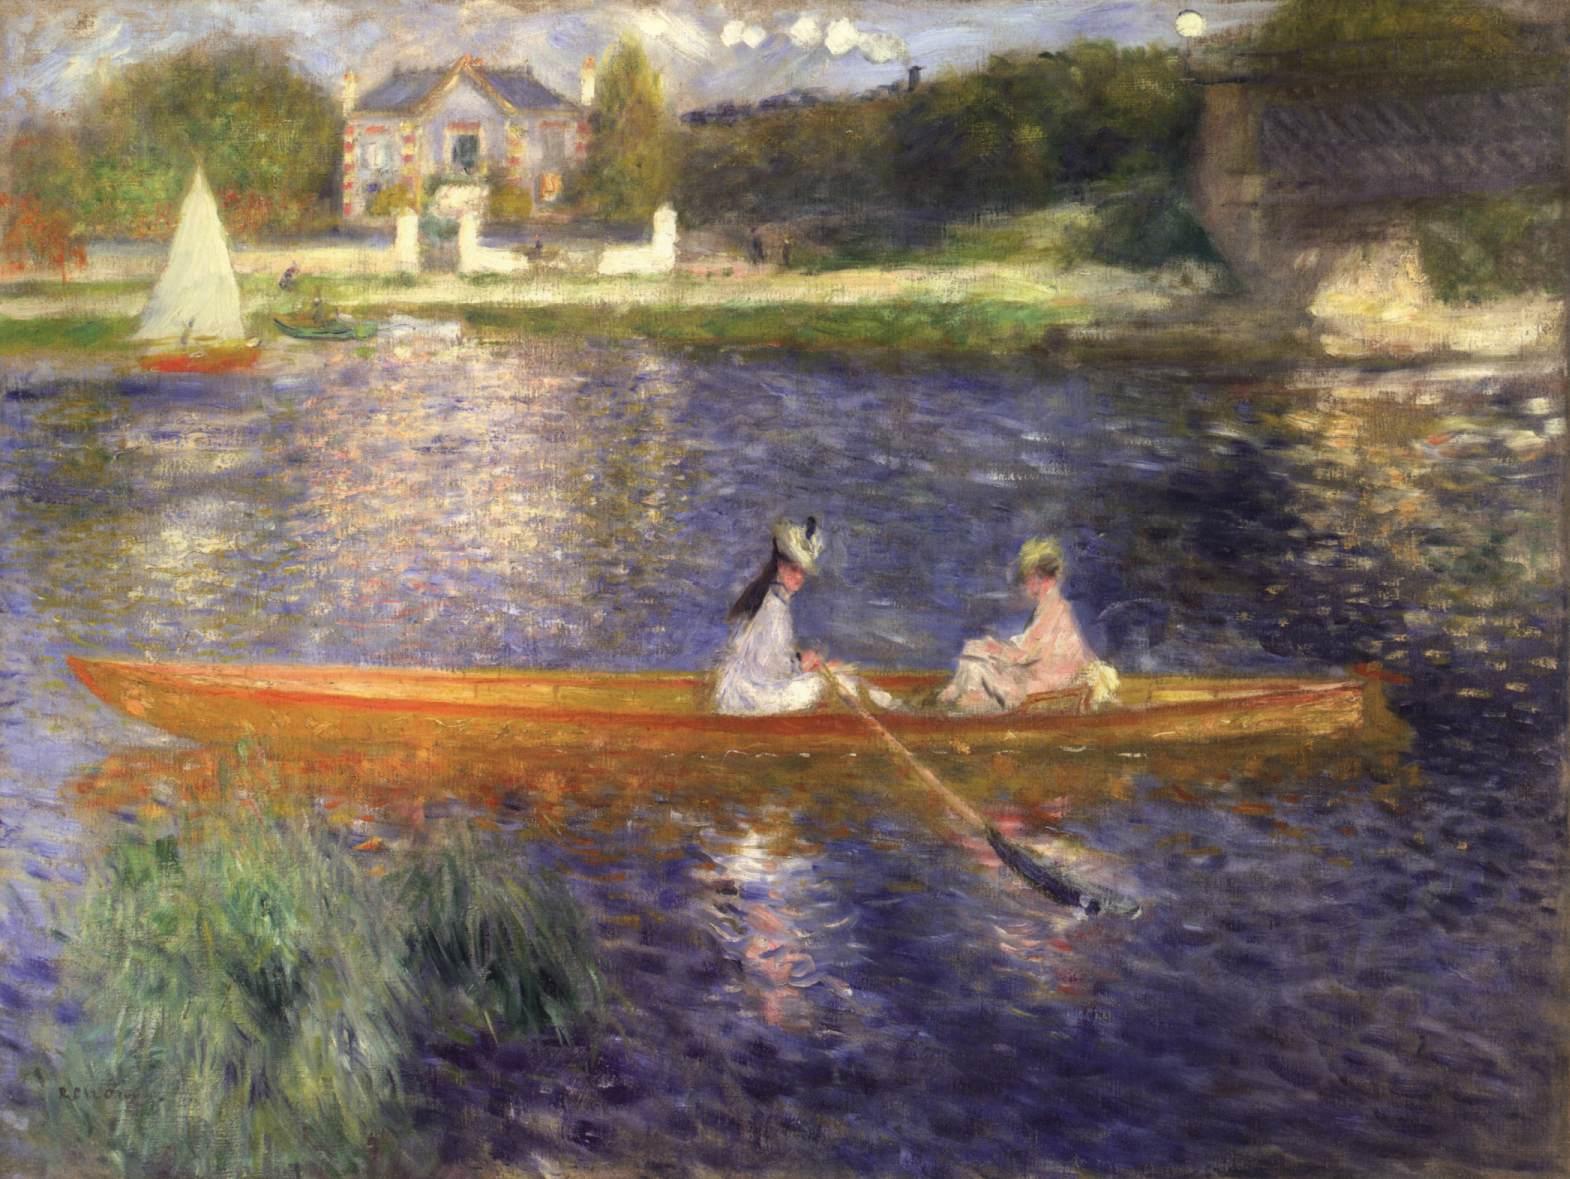 картина речной пейзаж «Скиф» :: Ренуар Пьер Огюст - Pierre-Auguste Renoir фото